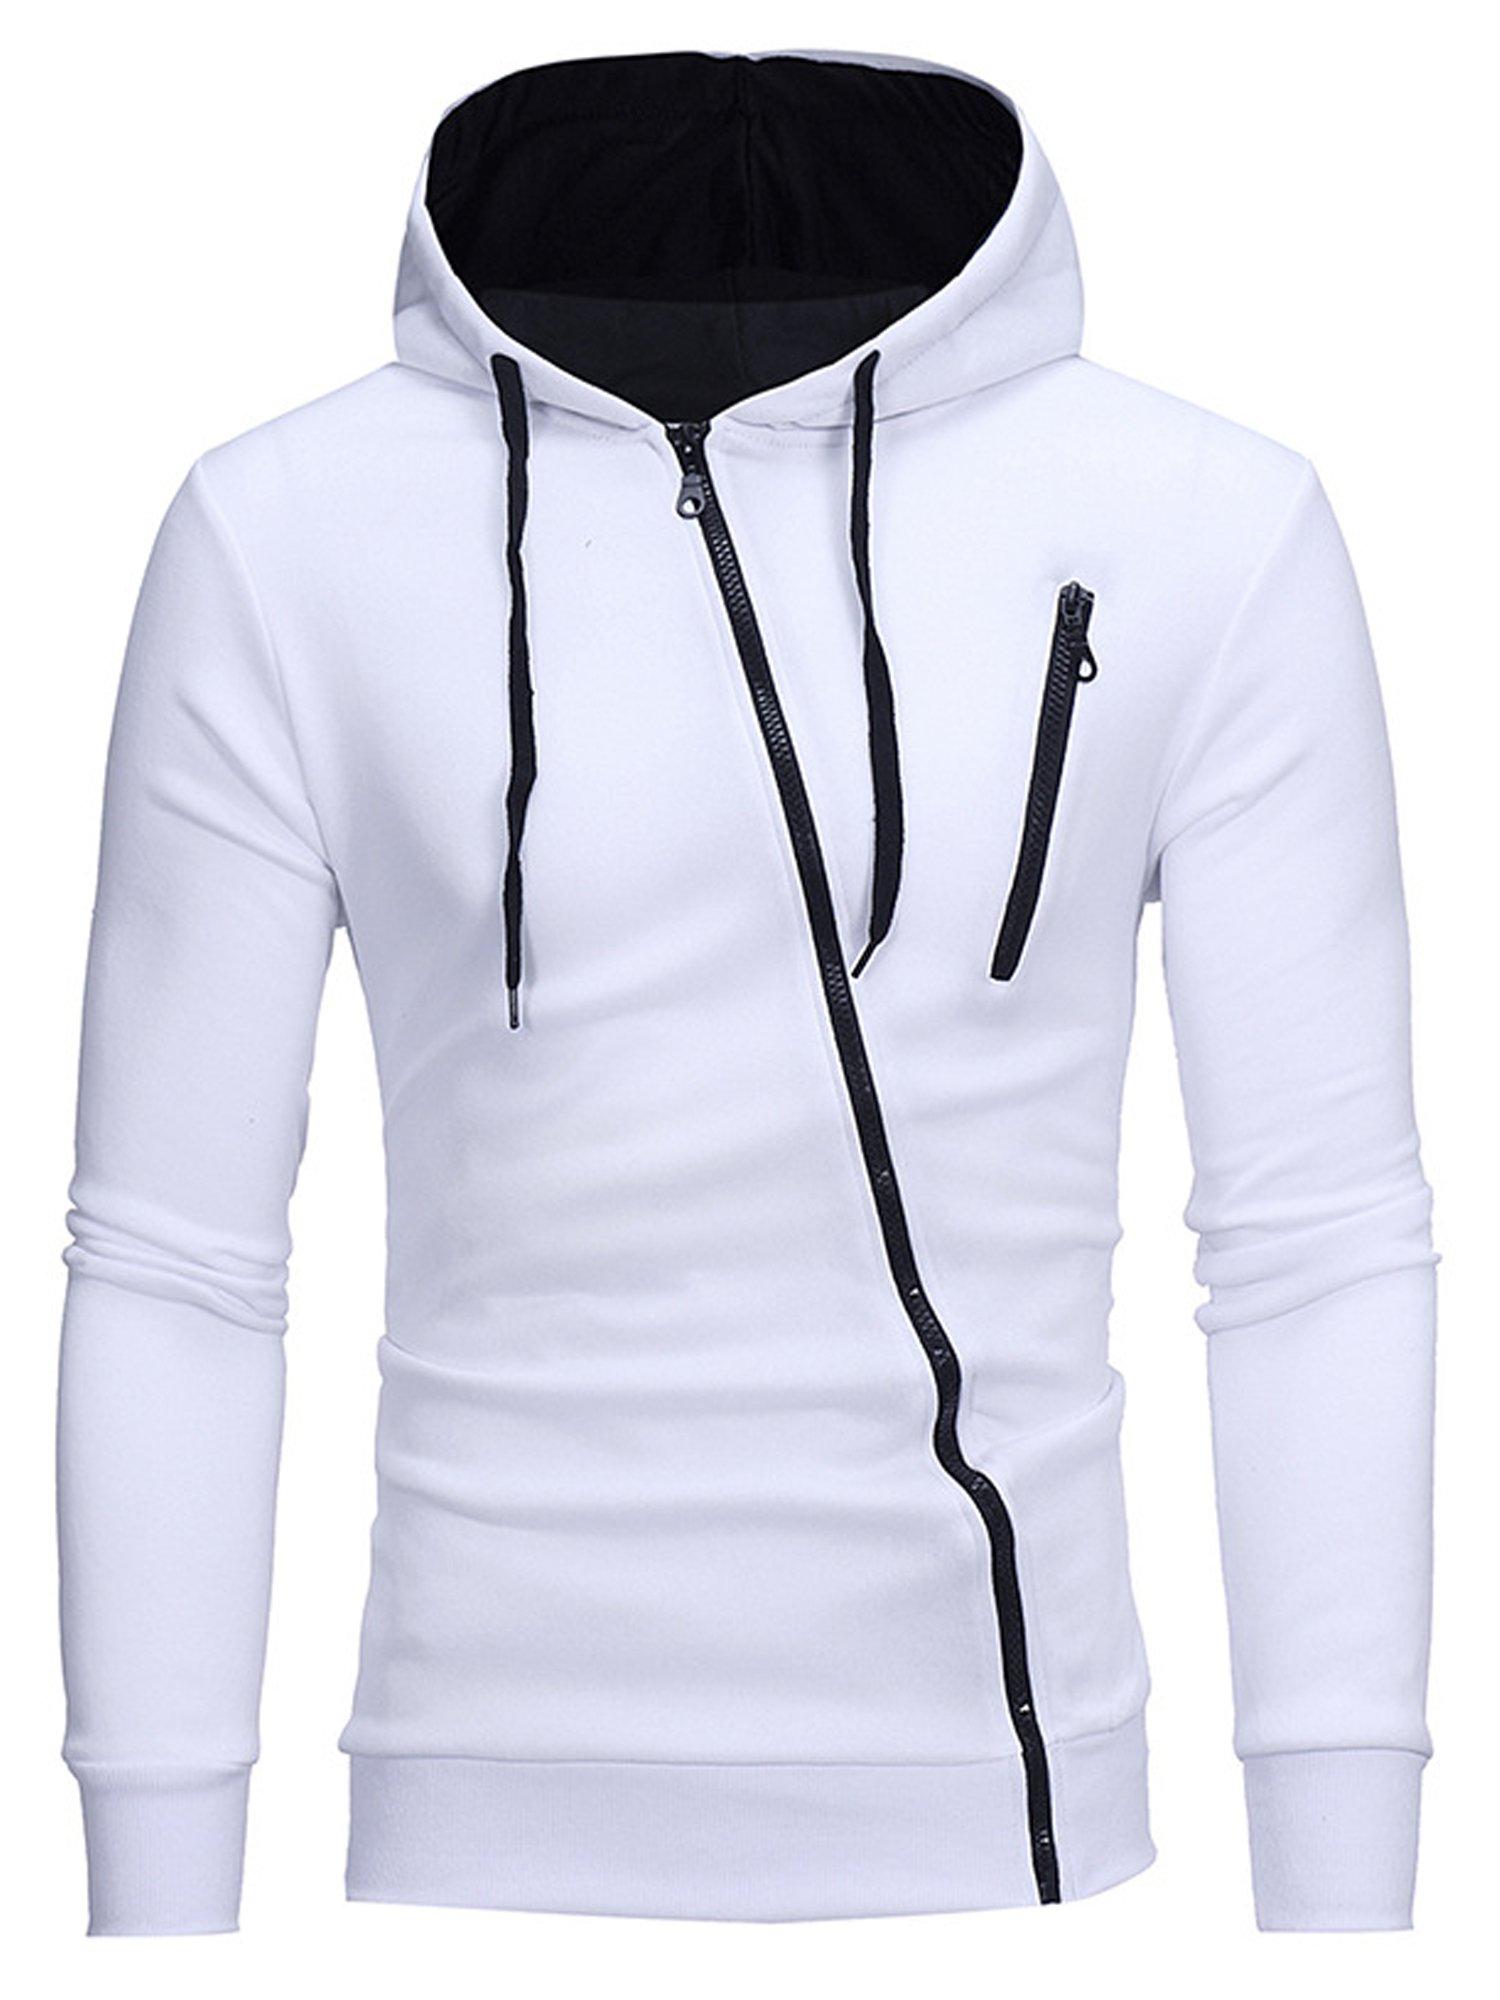 TOLOER Mens Hooded Sweatshirt Cotton Lightweight Slim Fit Zip-up Hoodie Jacket White Medium